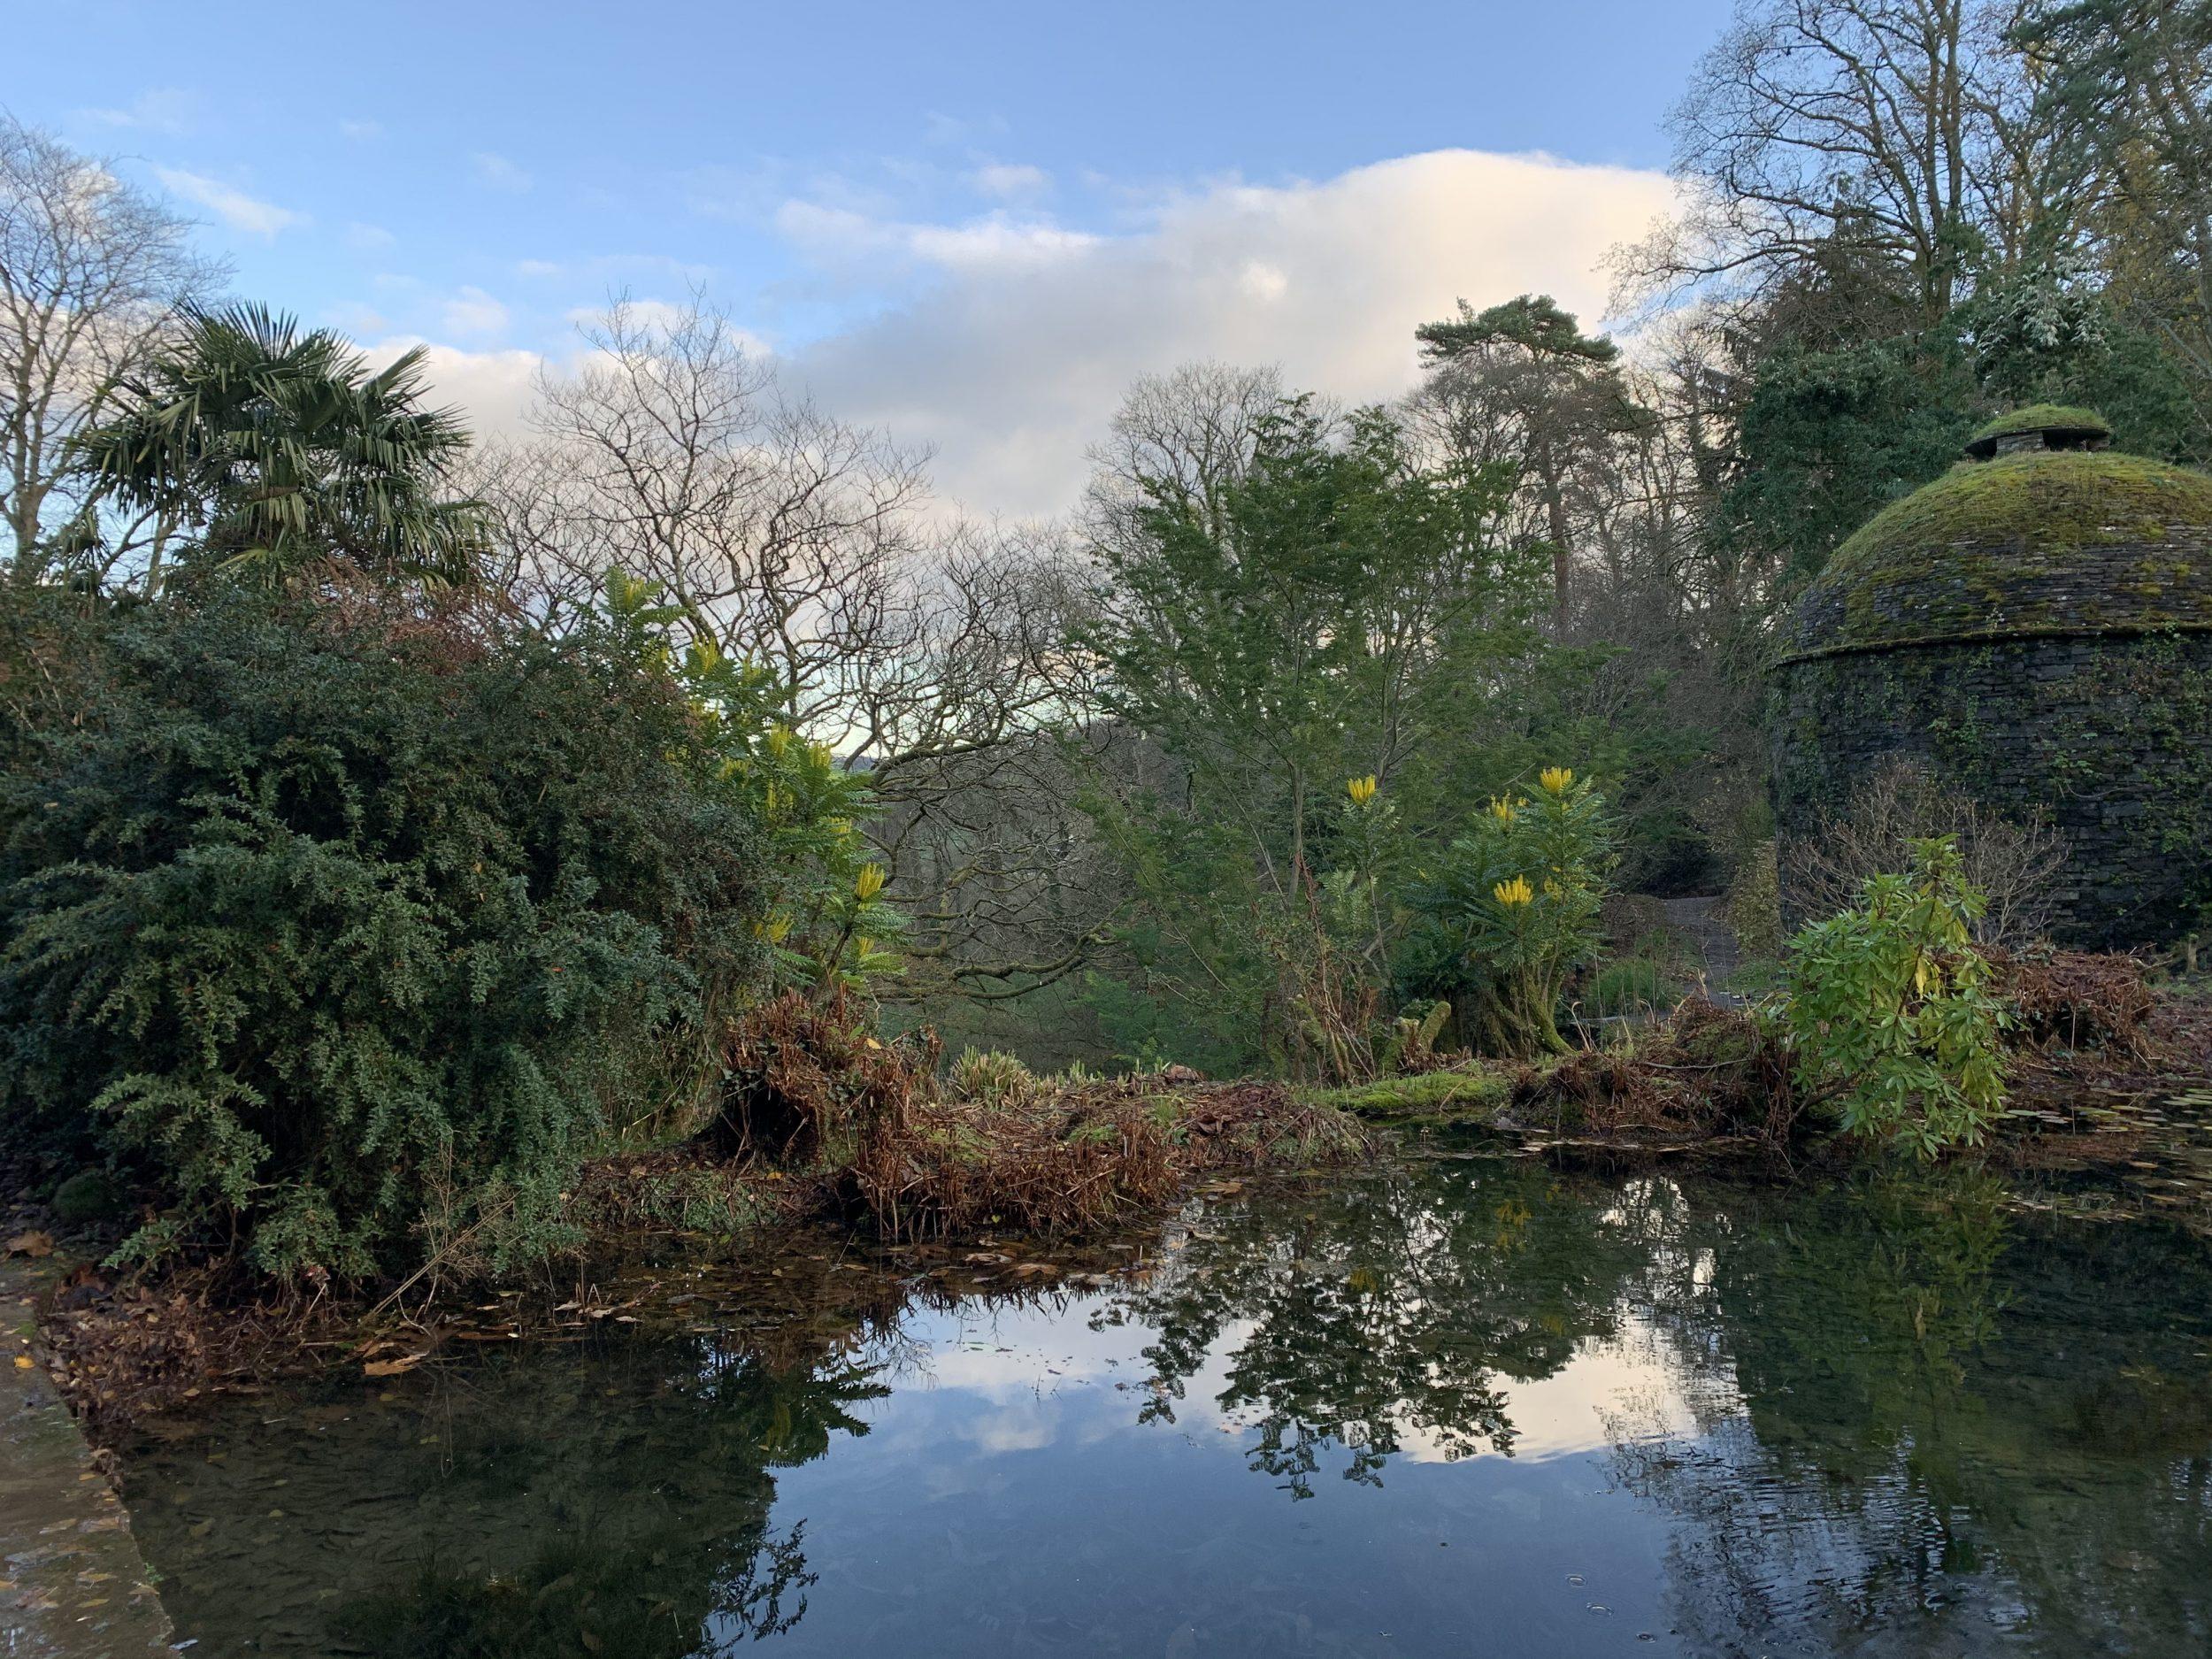 Cotehele's gardens